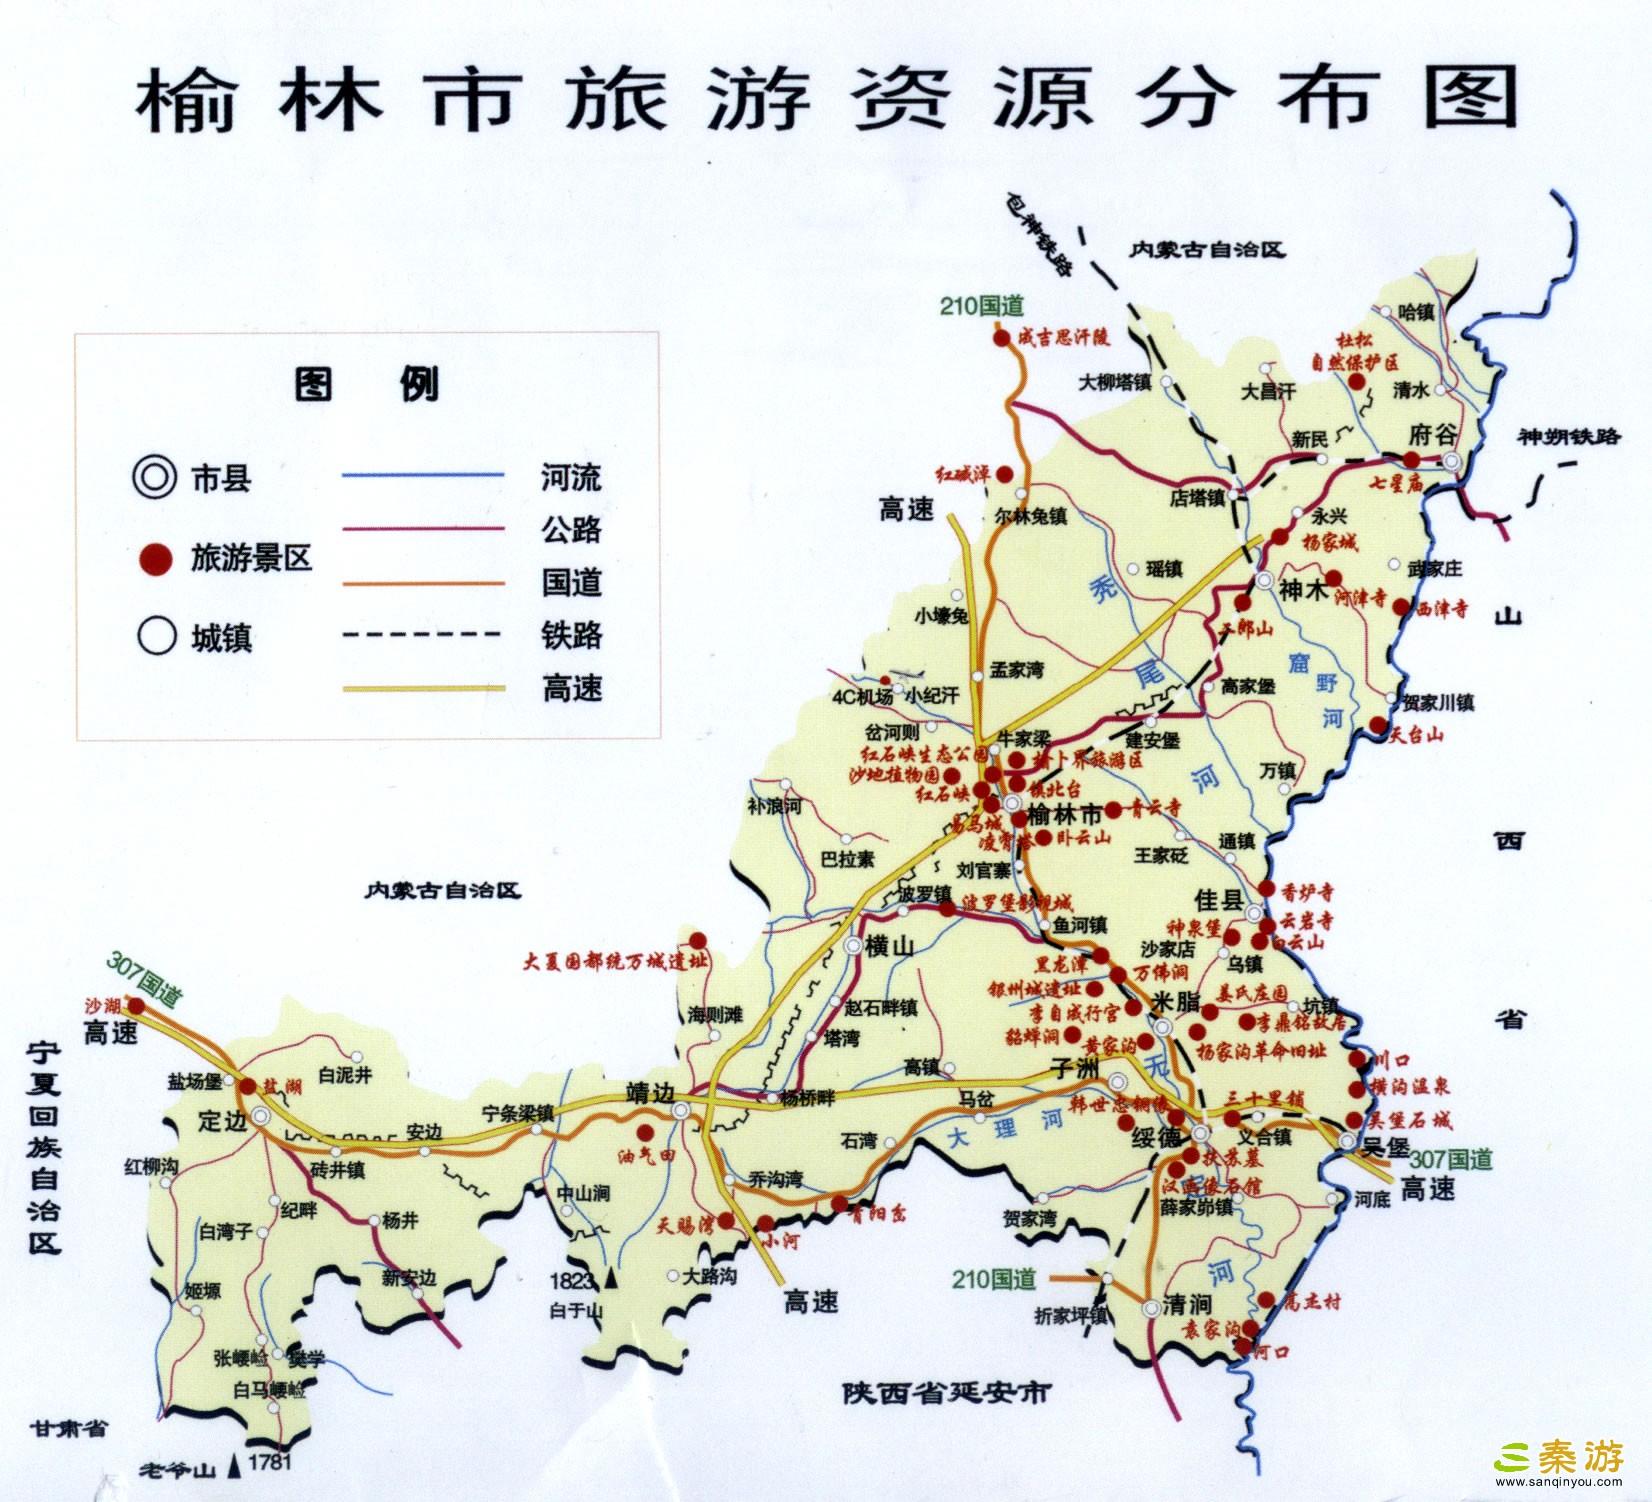 榆林市地图高清版_榆林市地图图片